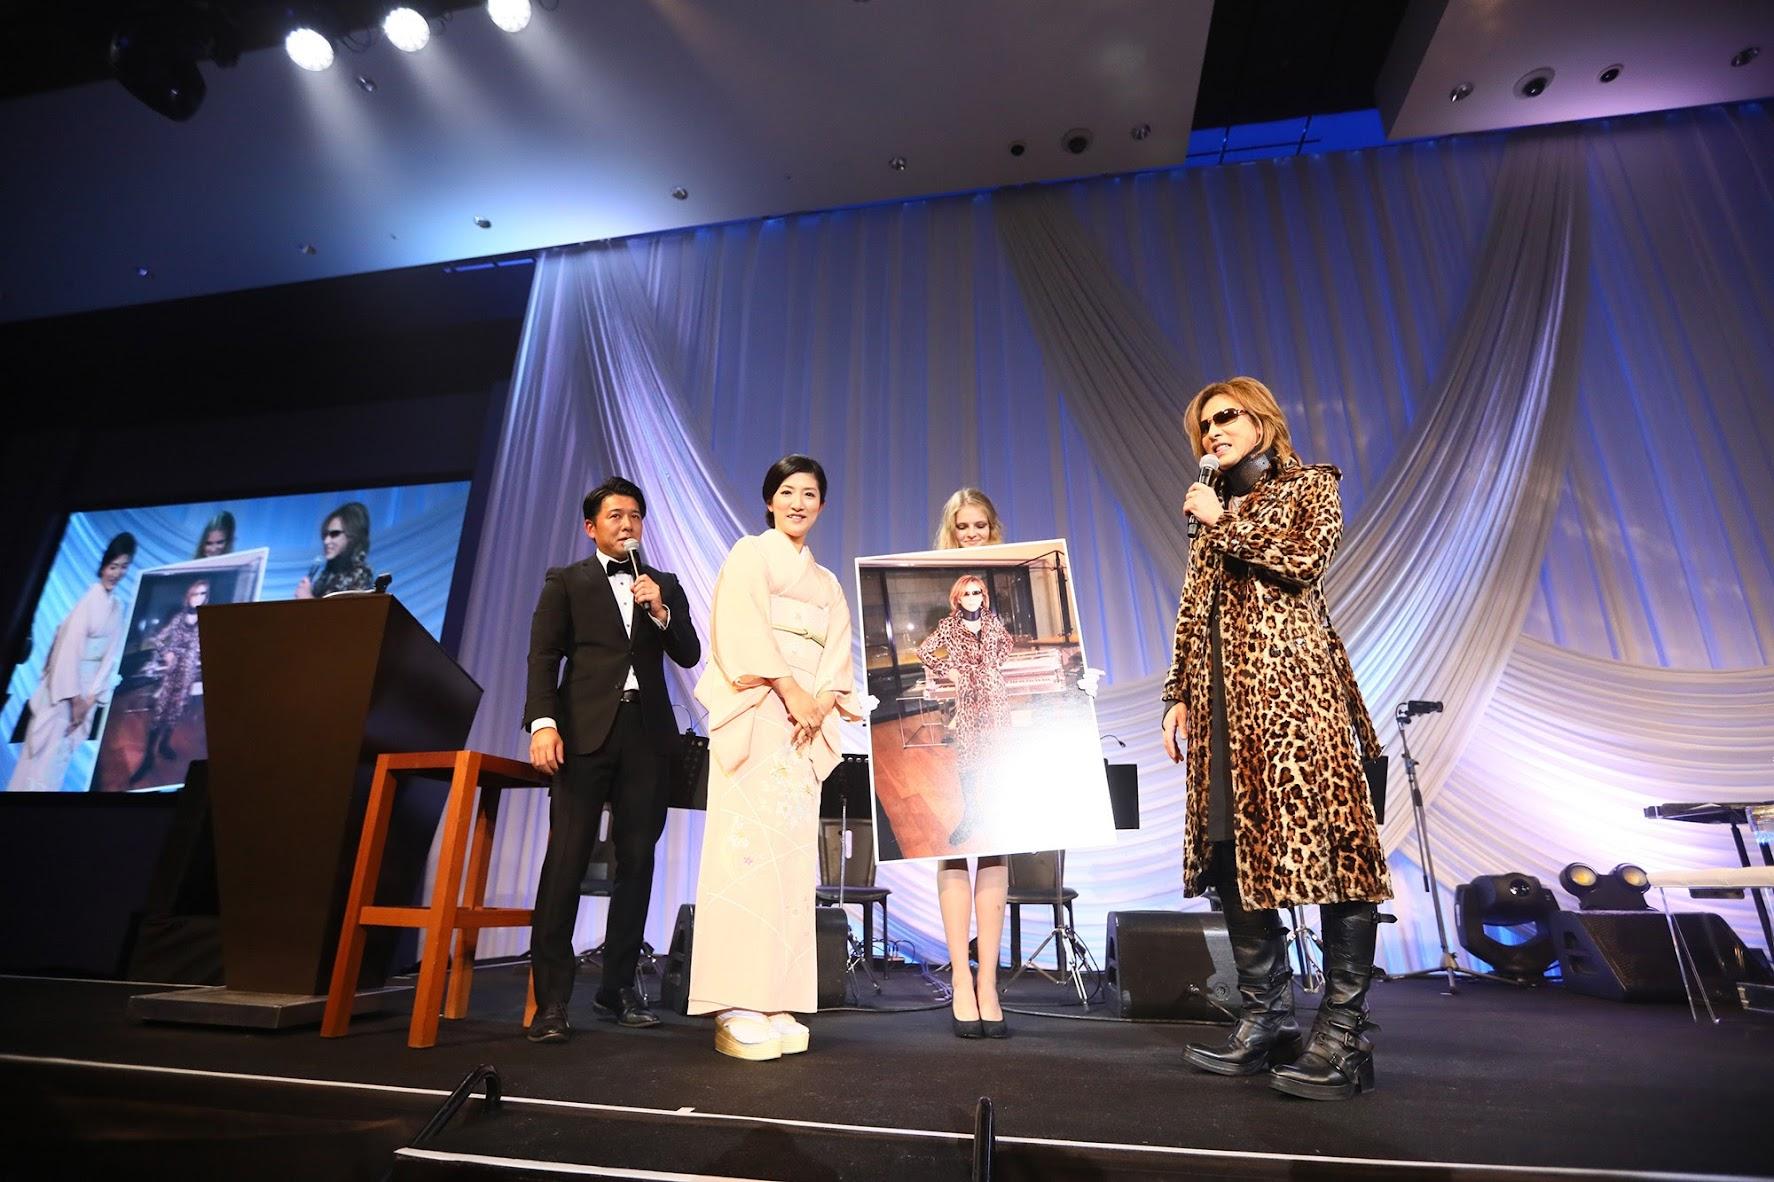 [迷迷音樂]YOSHIKI晚餐秀籌得約1165萬台幣 將捐款協助美國德州風災的災民